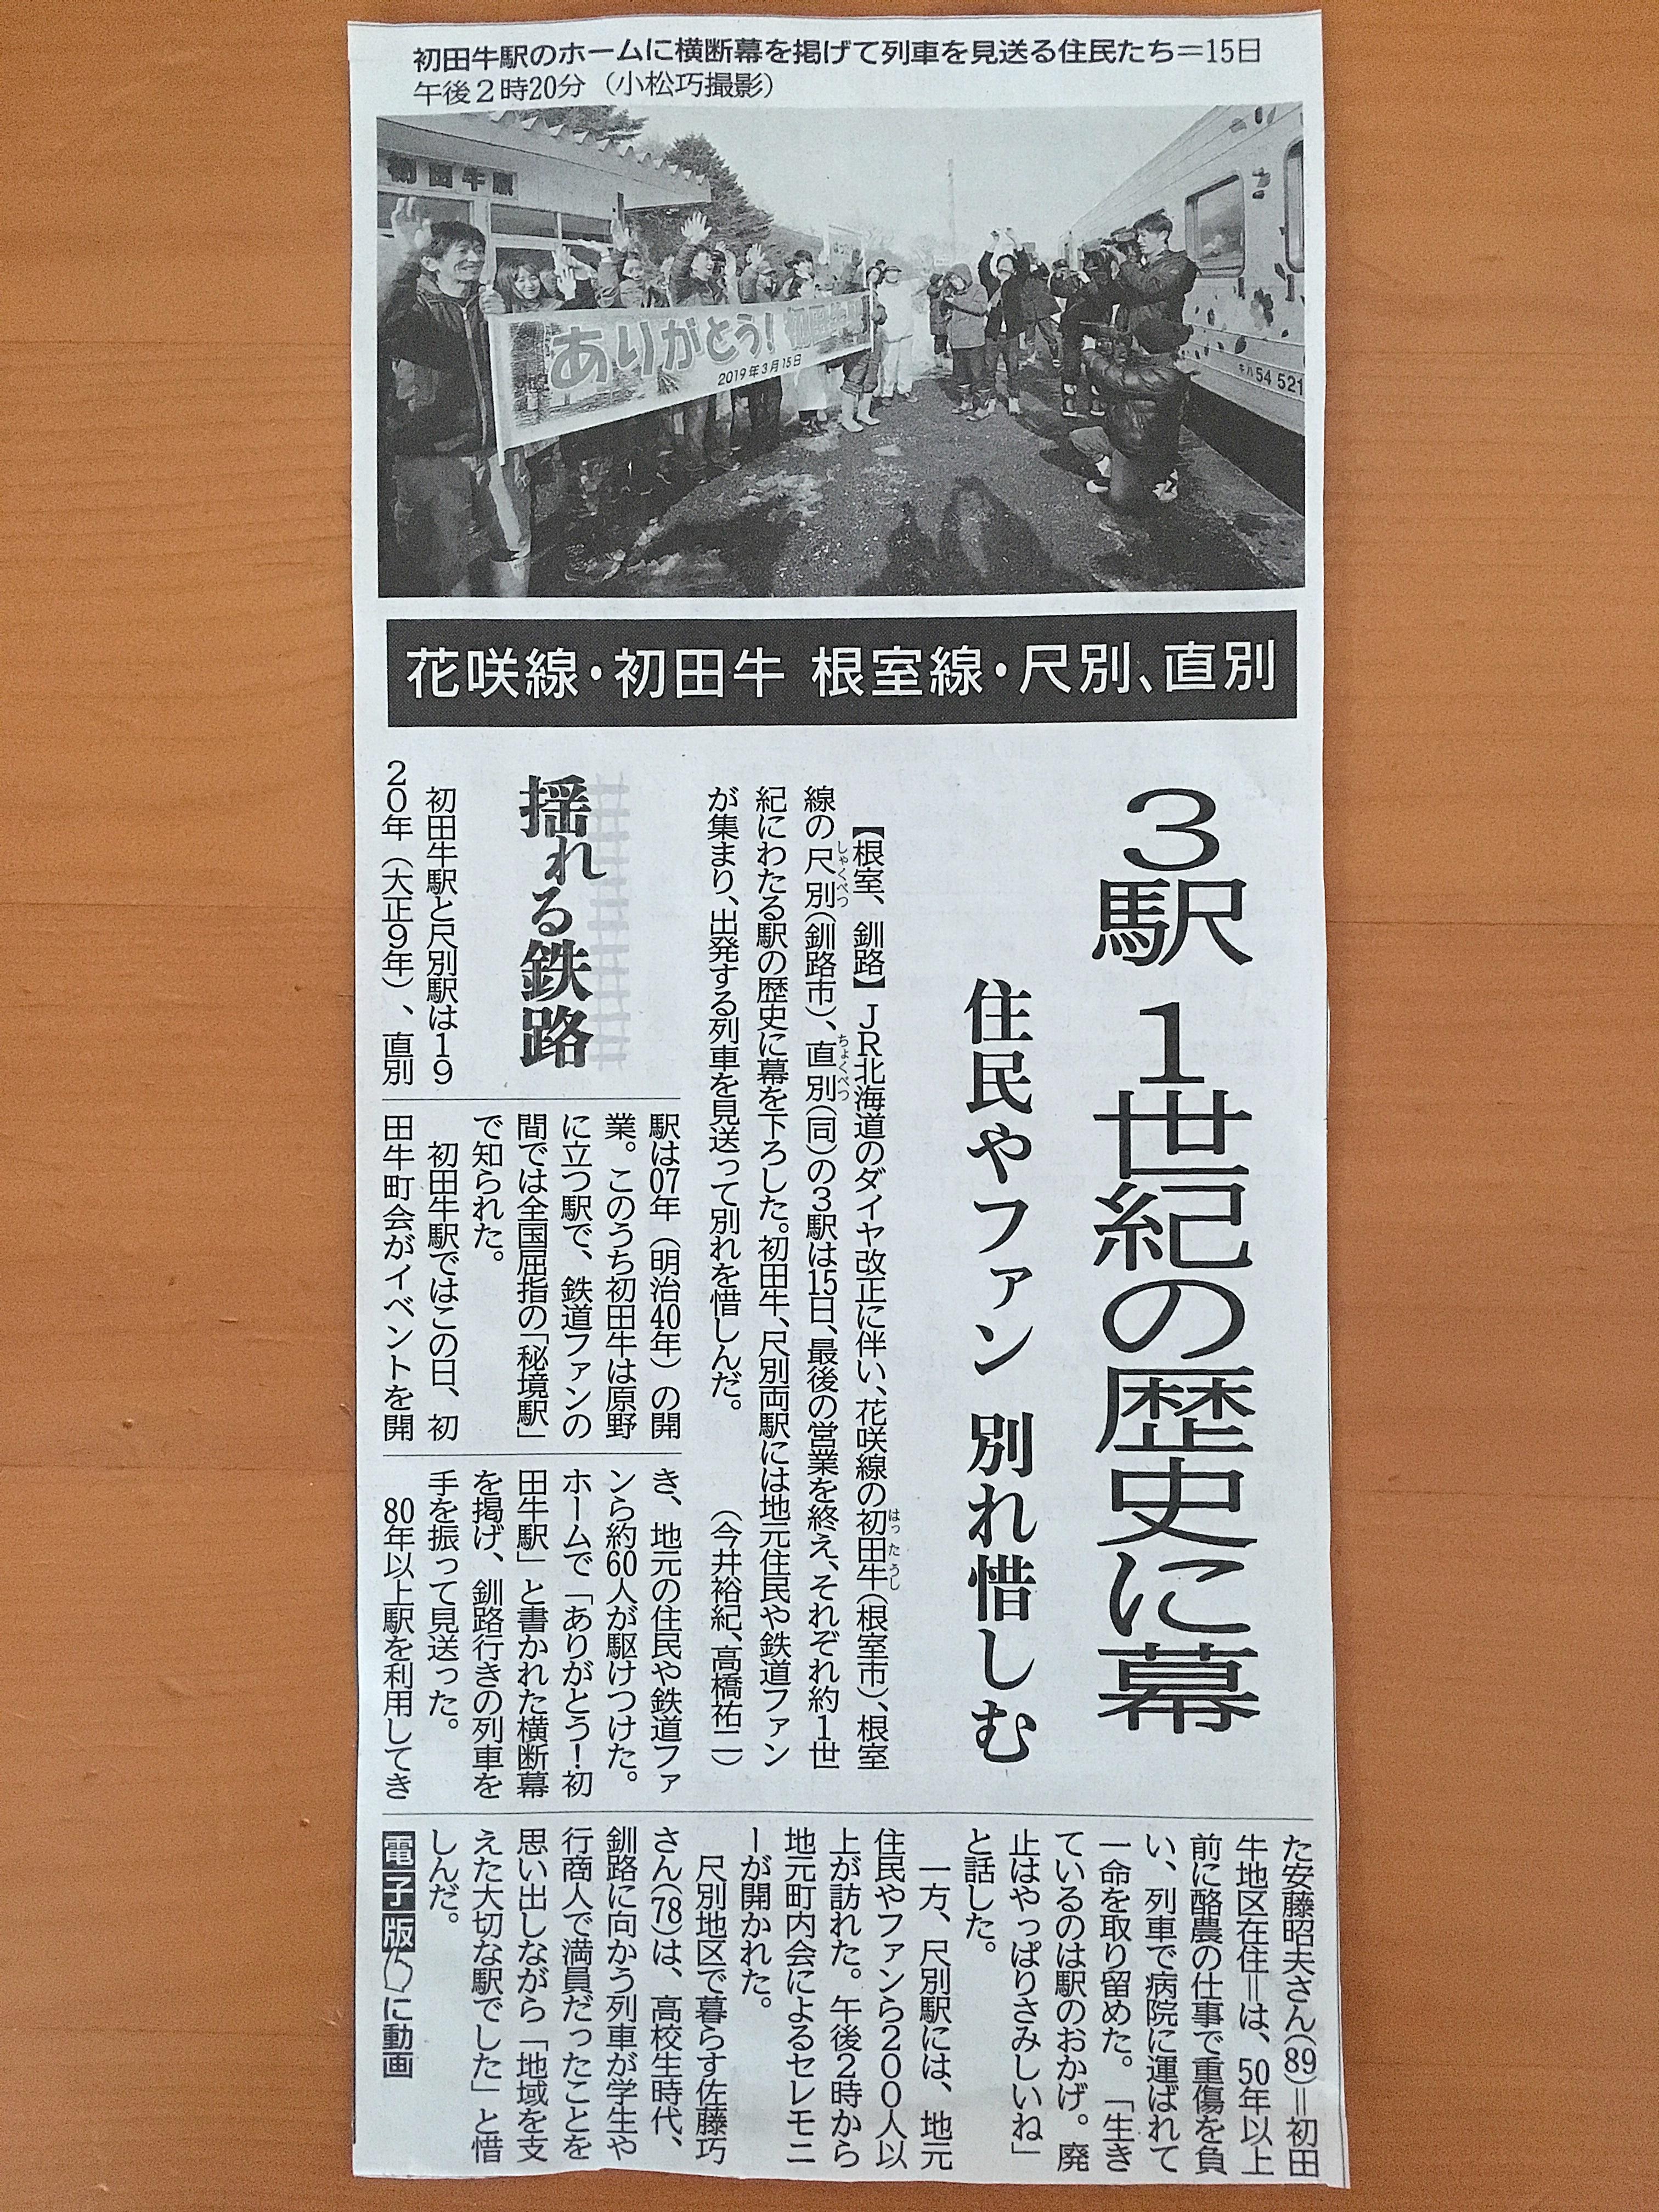 190315ダイヤ改正3駅廃止記事.JPG